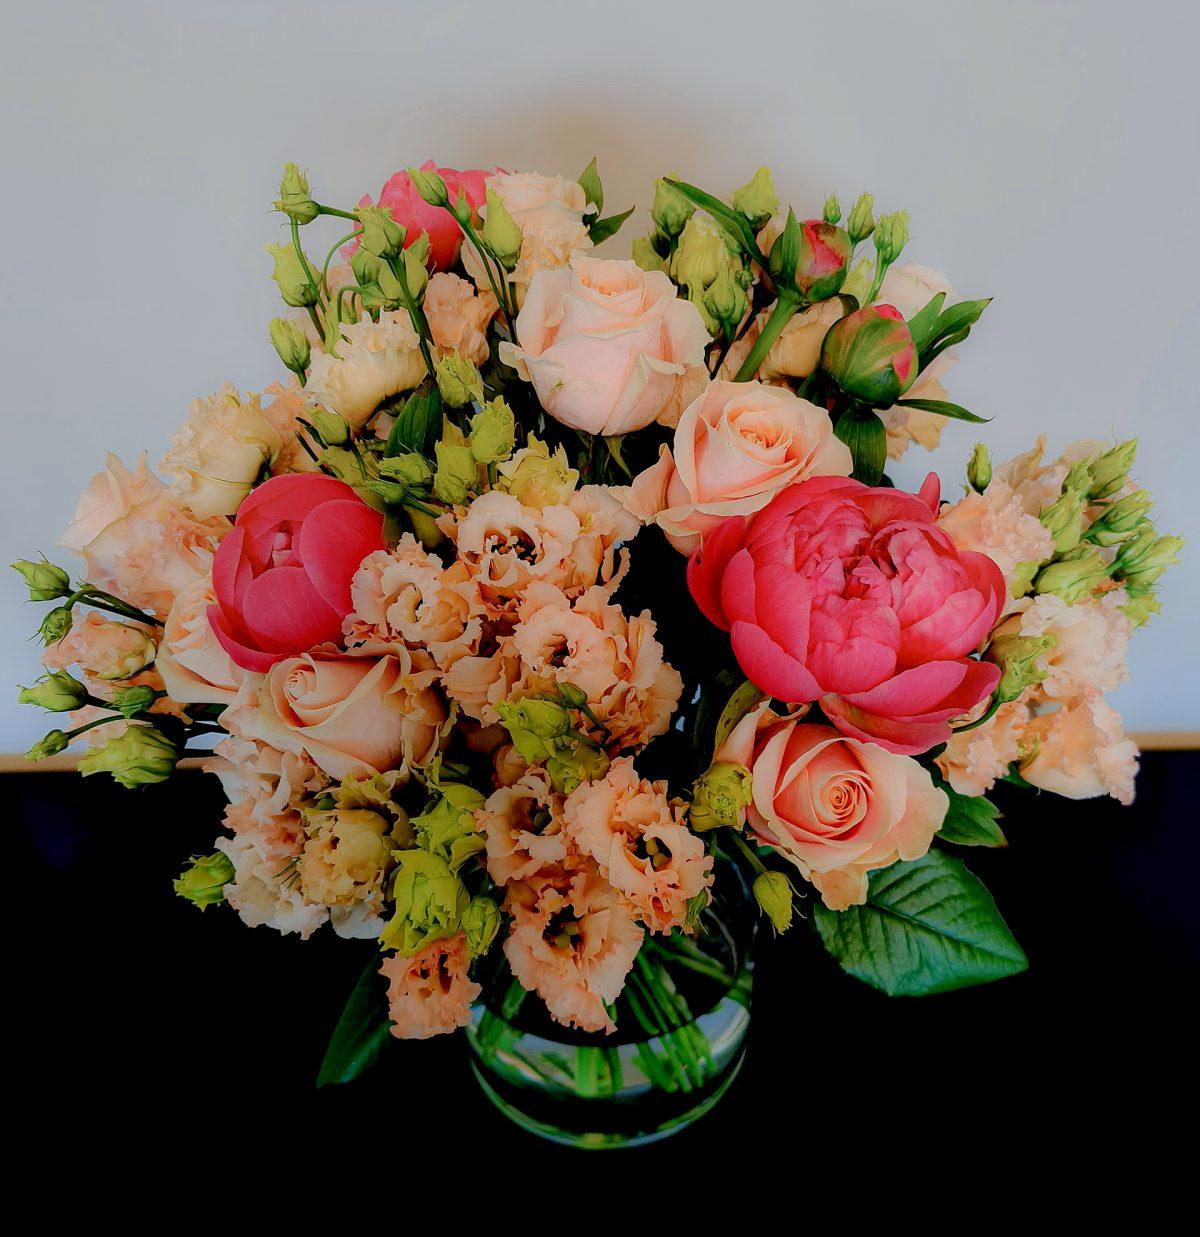 Blumenstrauß mit lachsfarbenen Rosen, Pfingstrosen und apricot Lisianthus